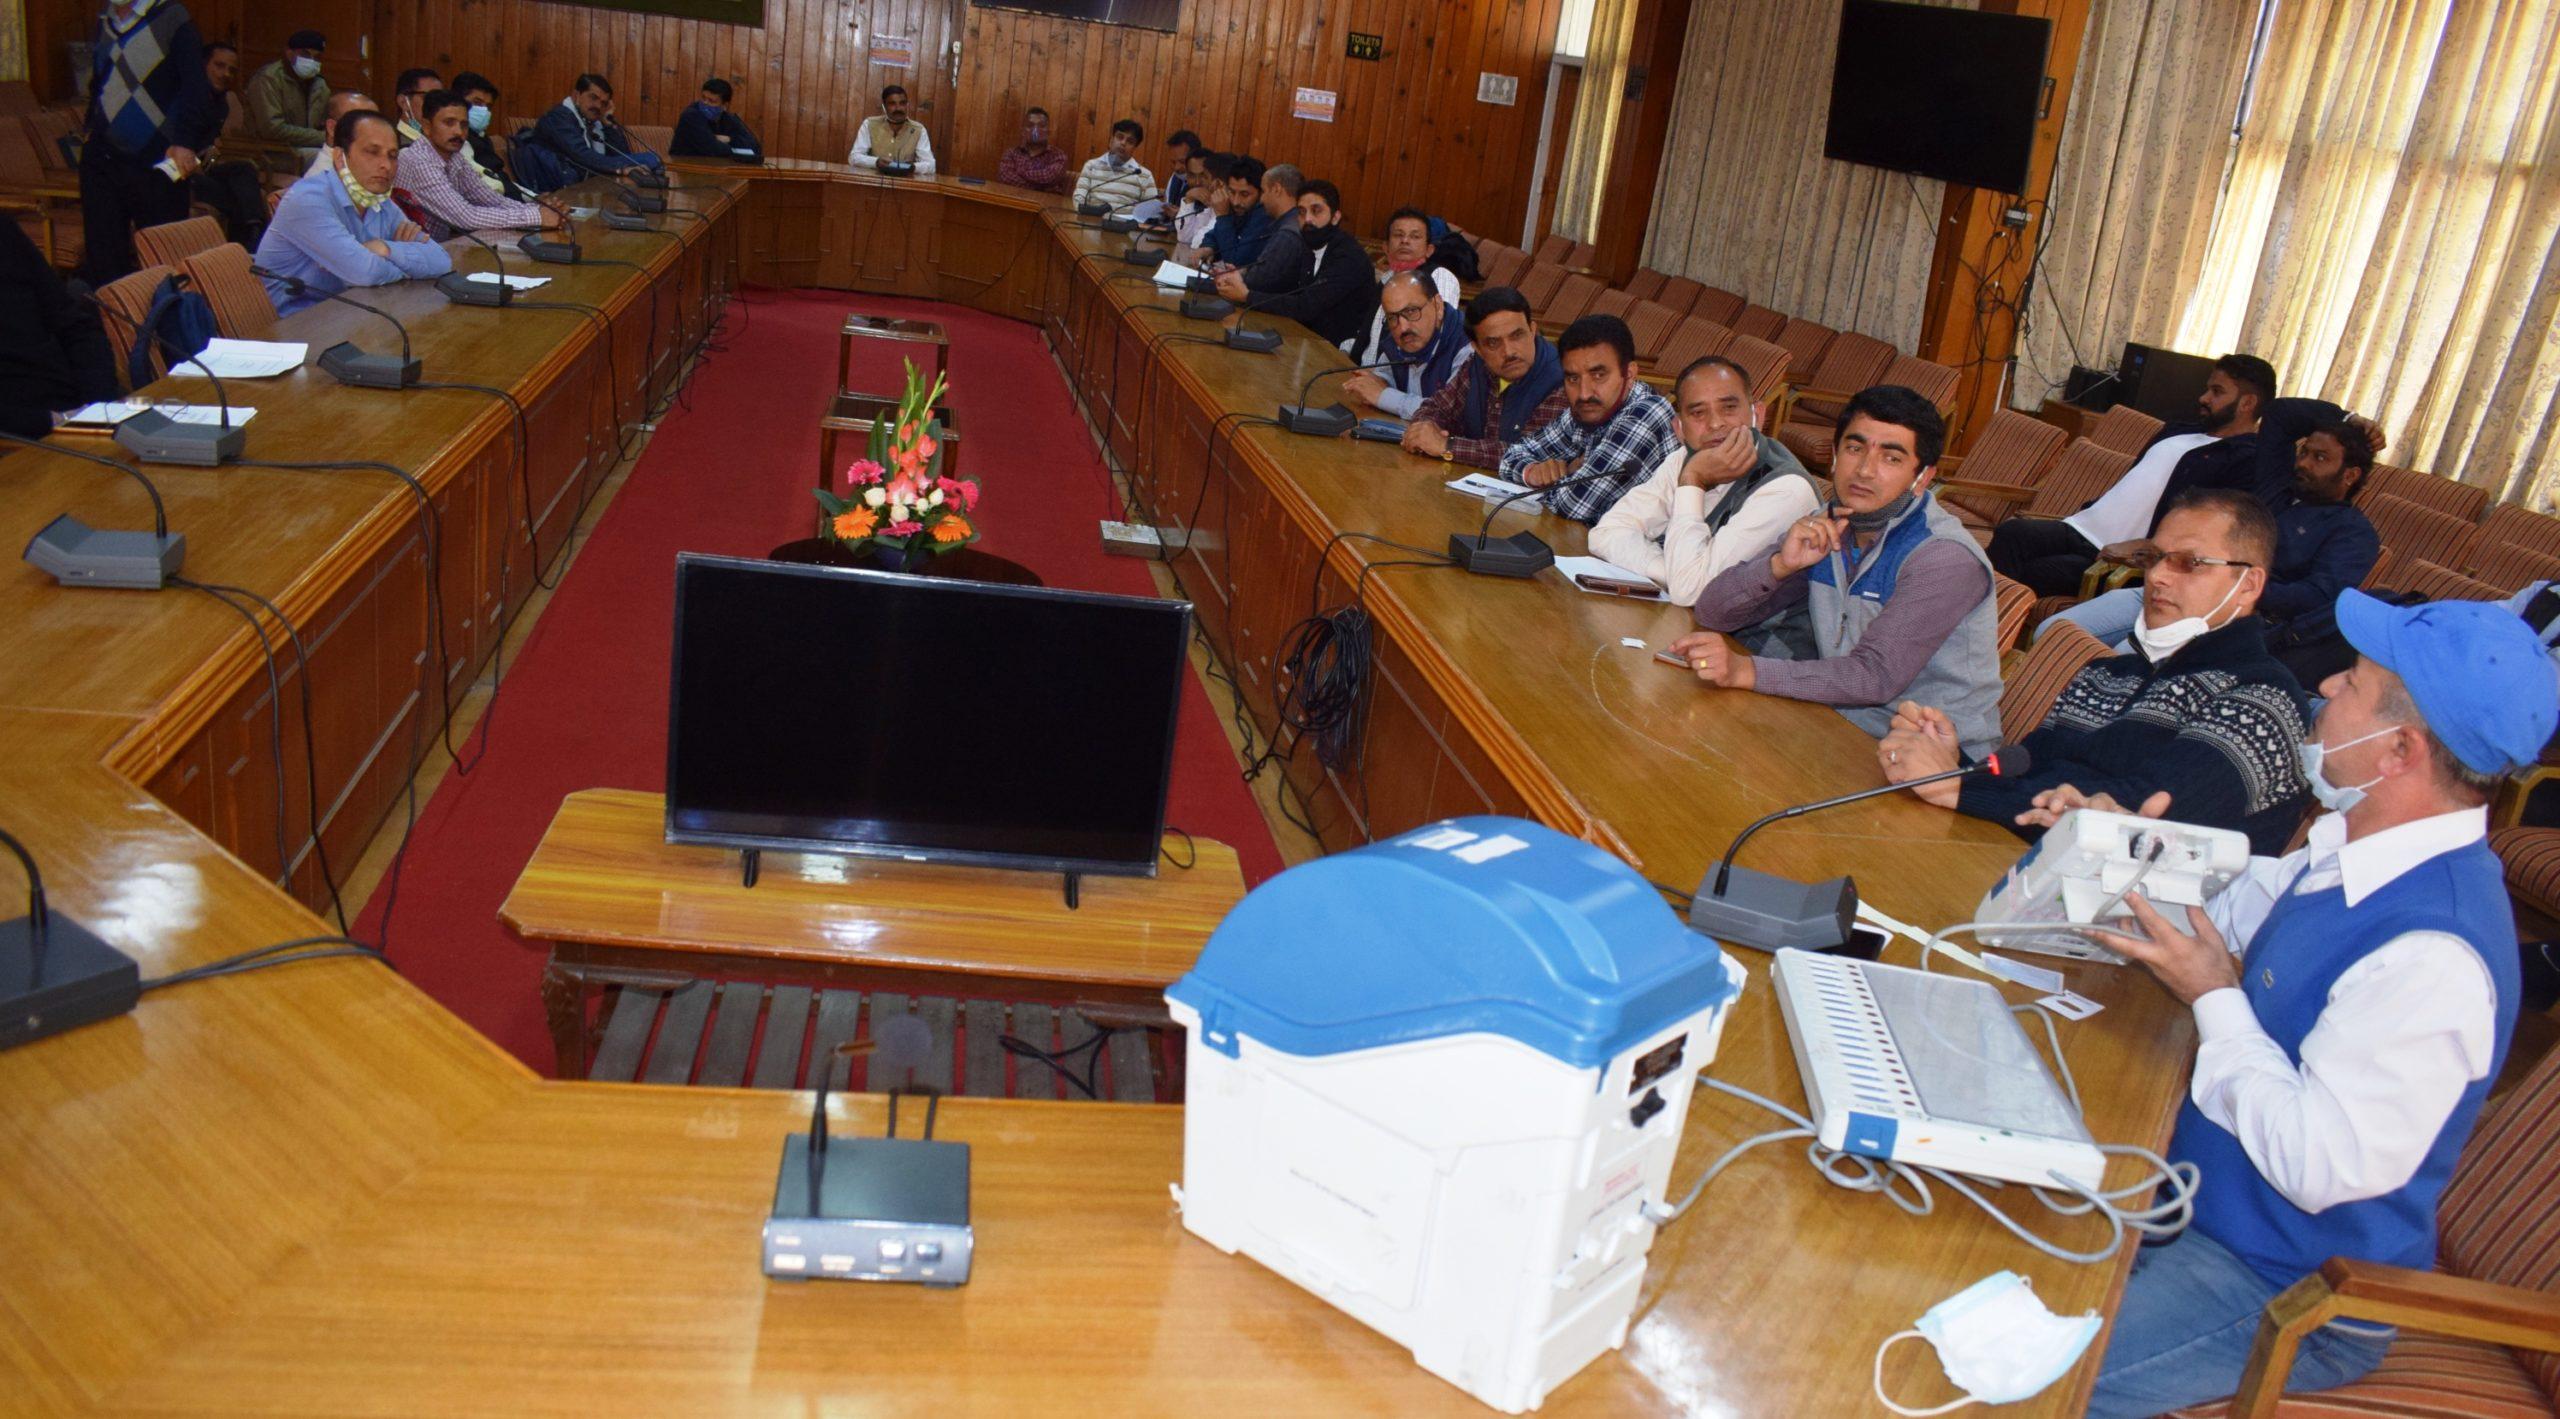 जुब्बल कोटखाई और रामपुर बुशहर विधानभा क्षेत्र में हुआ आब्जर्बर का दूसरा पूर्वाभ्यास